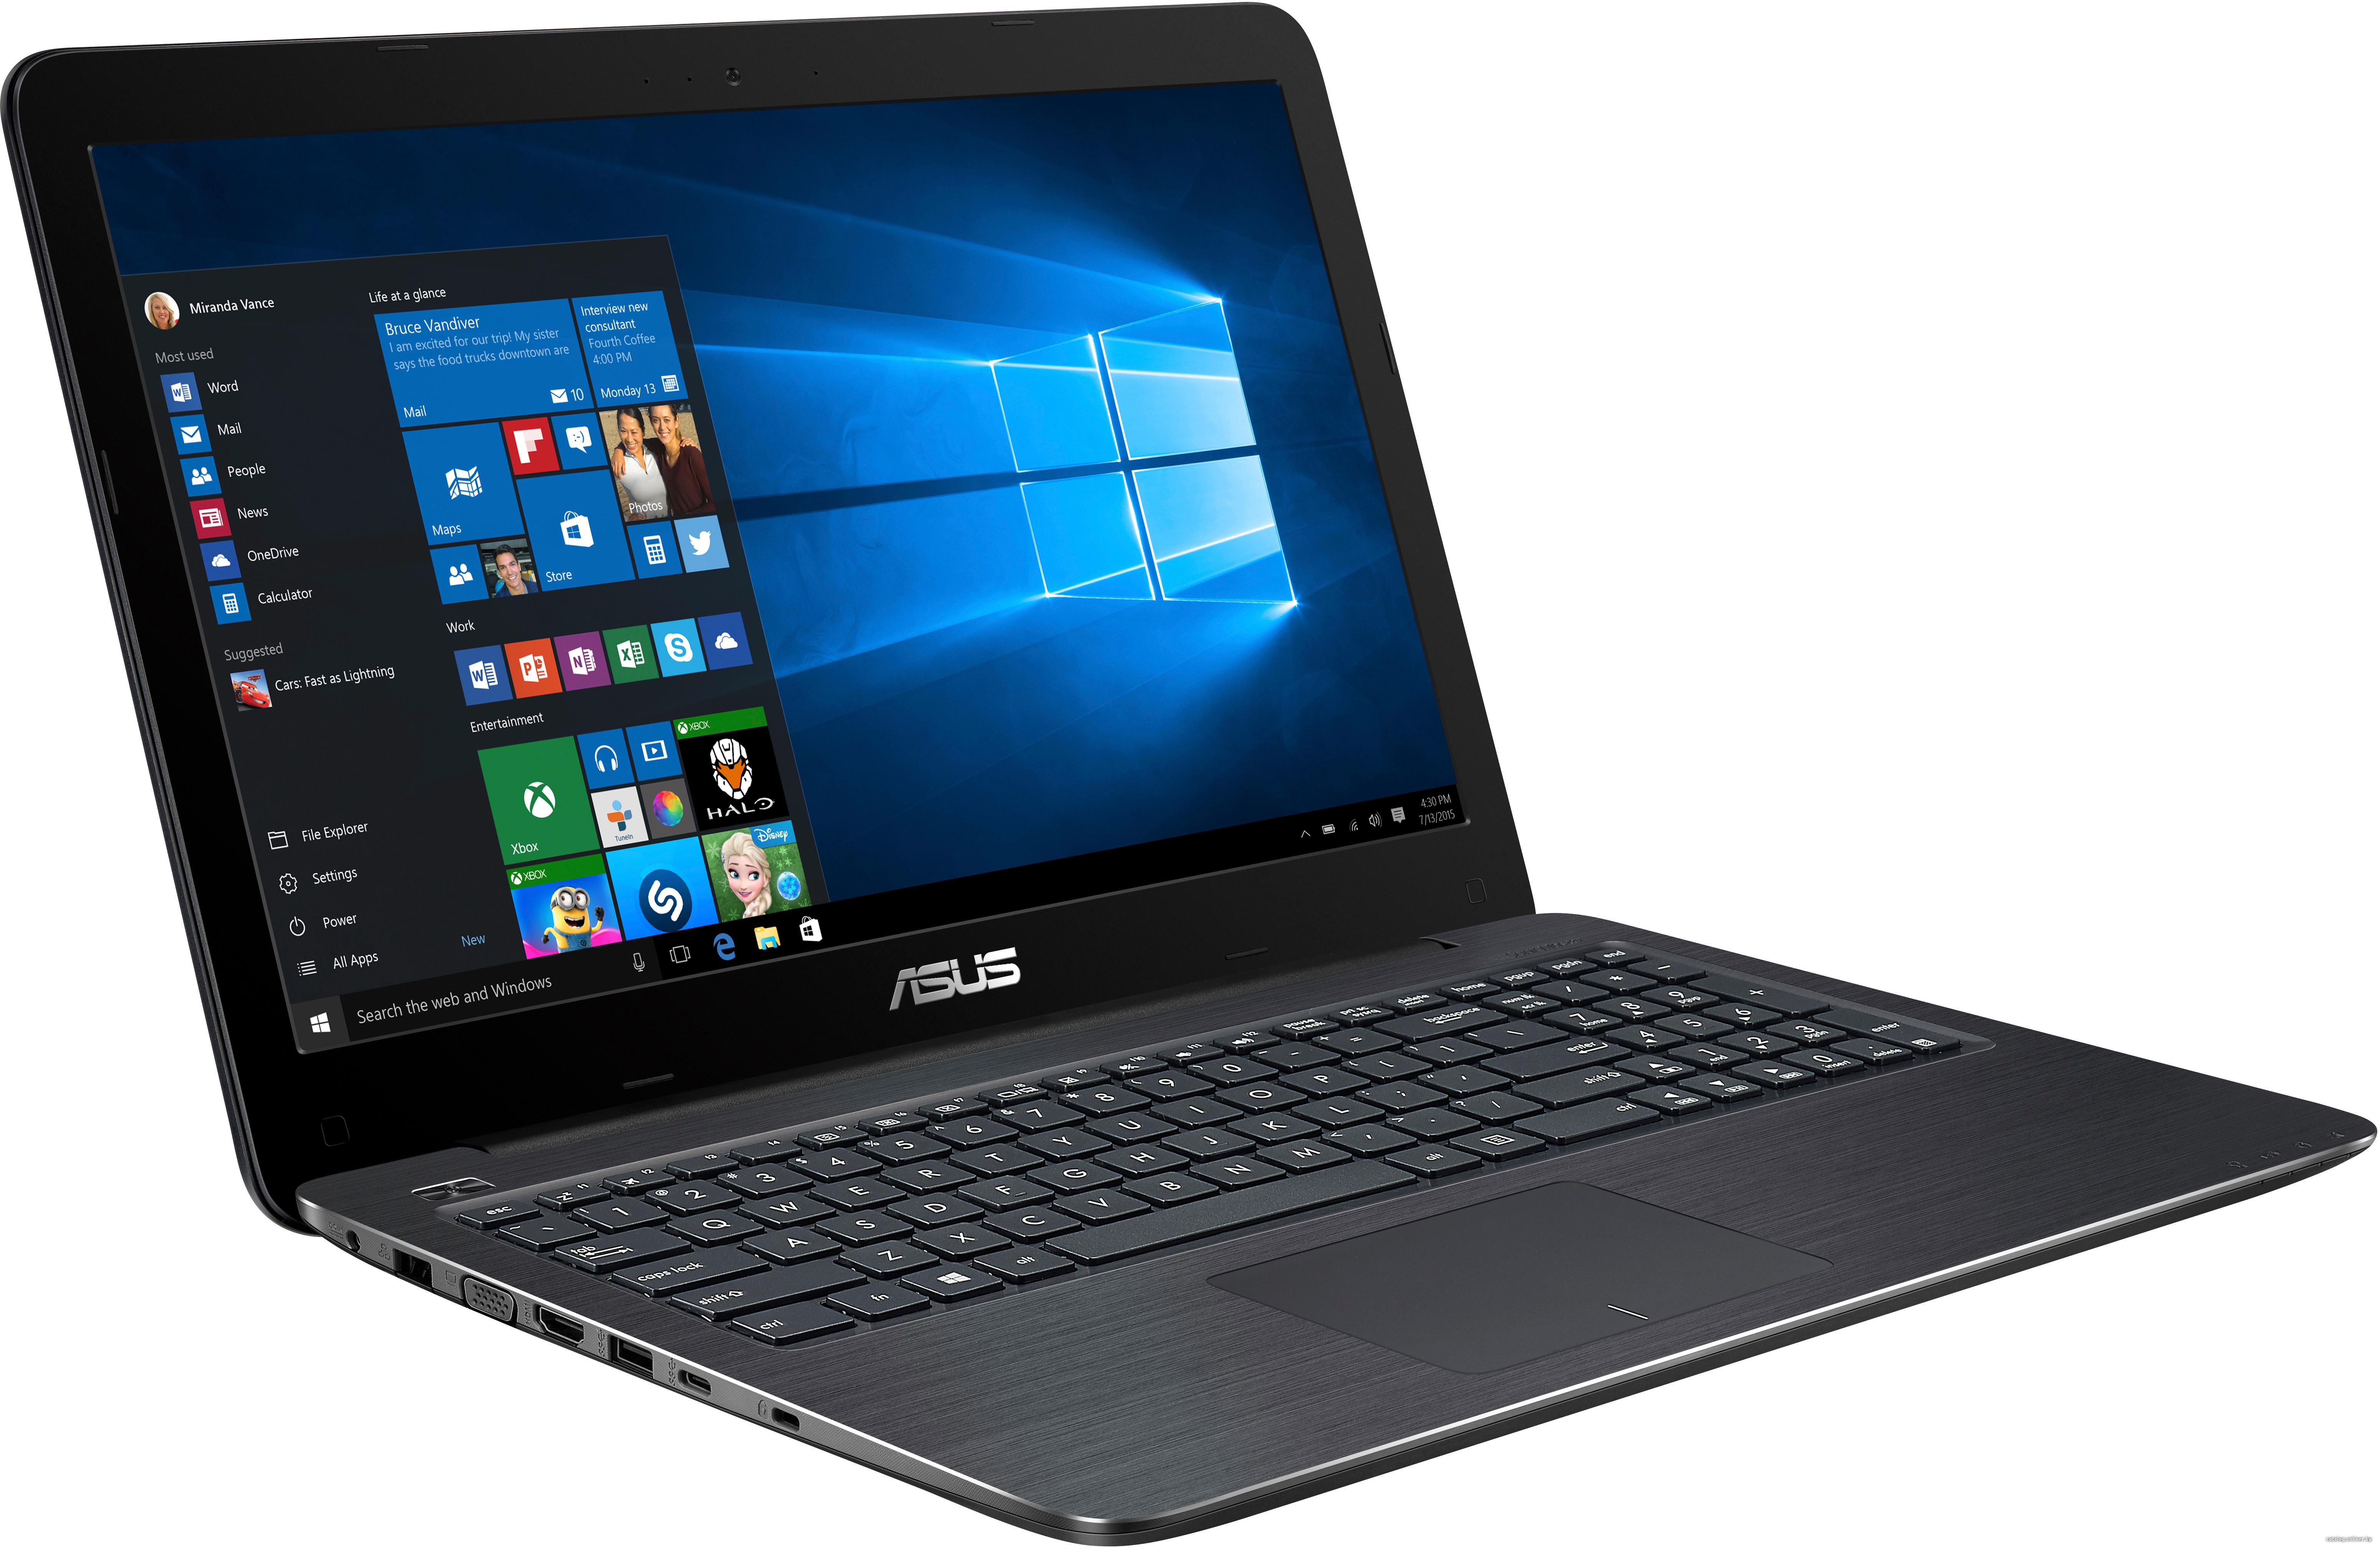 Download Drivers: Asus VivoBook X556UAK Laptop